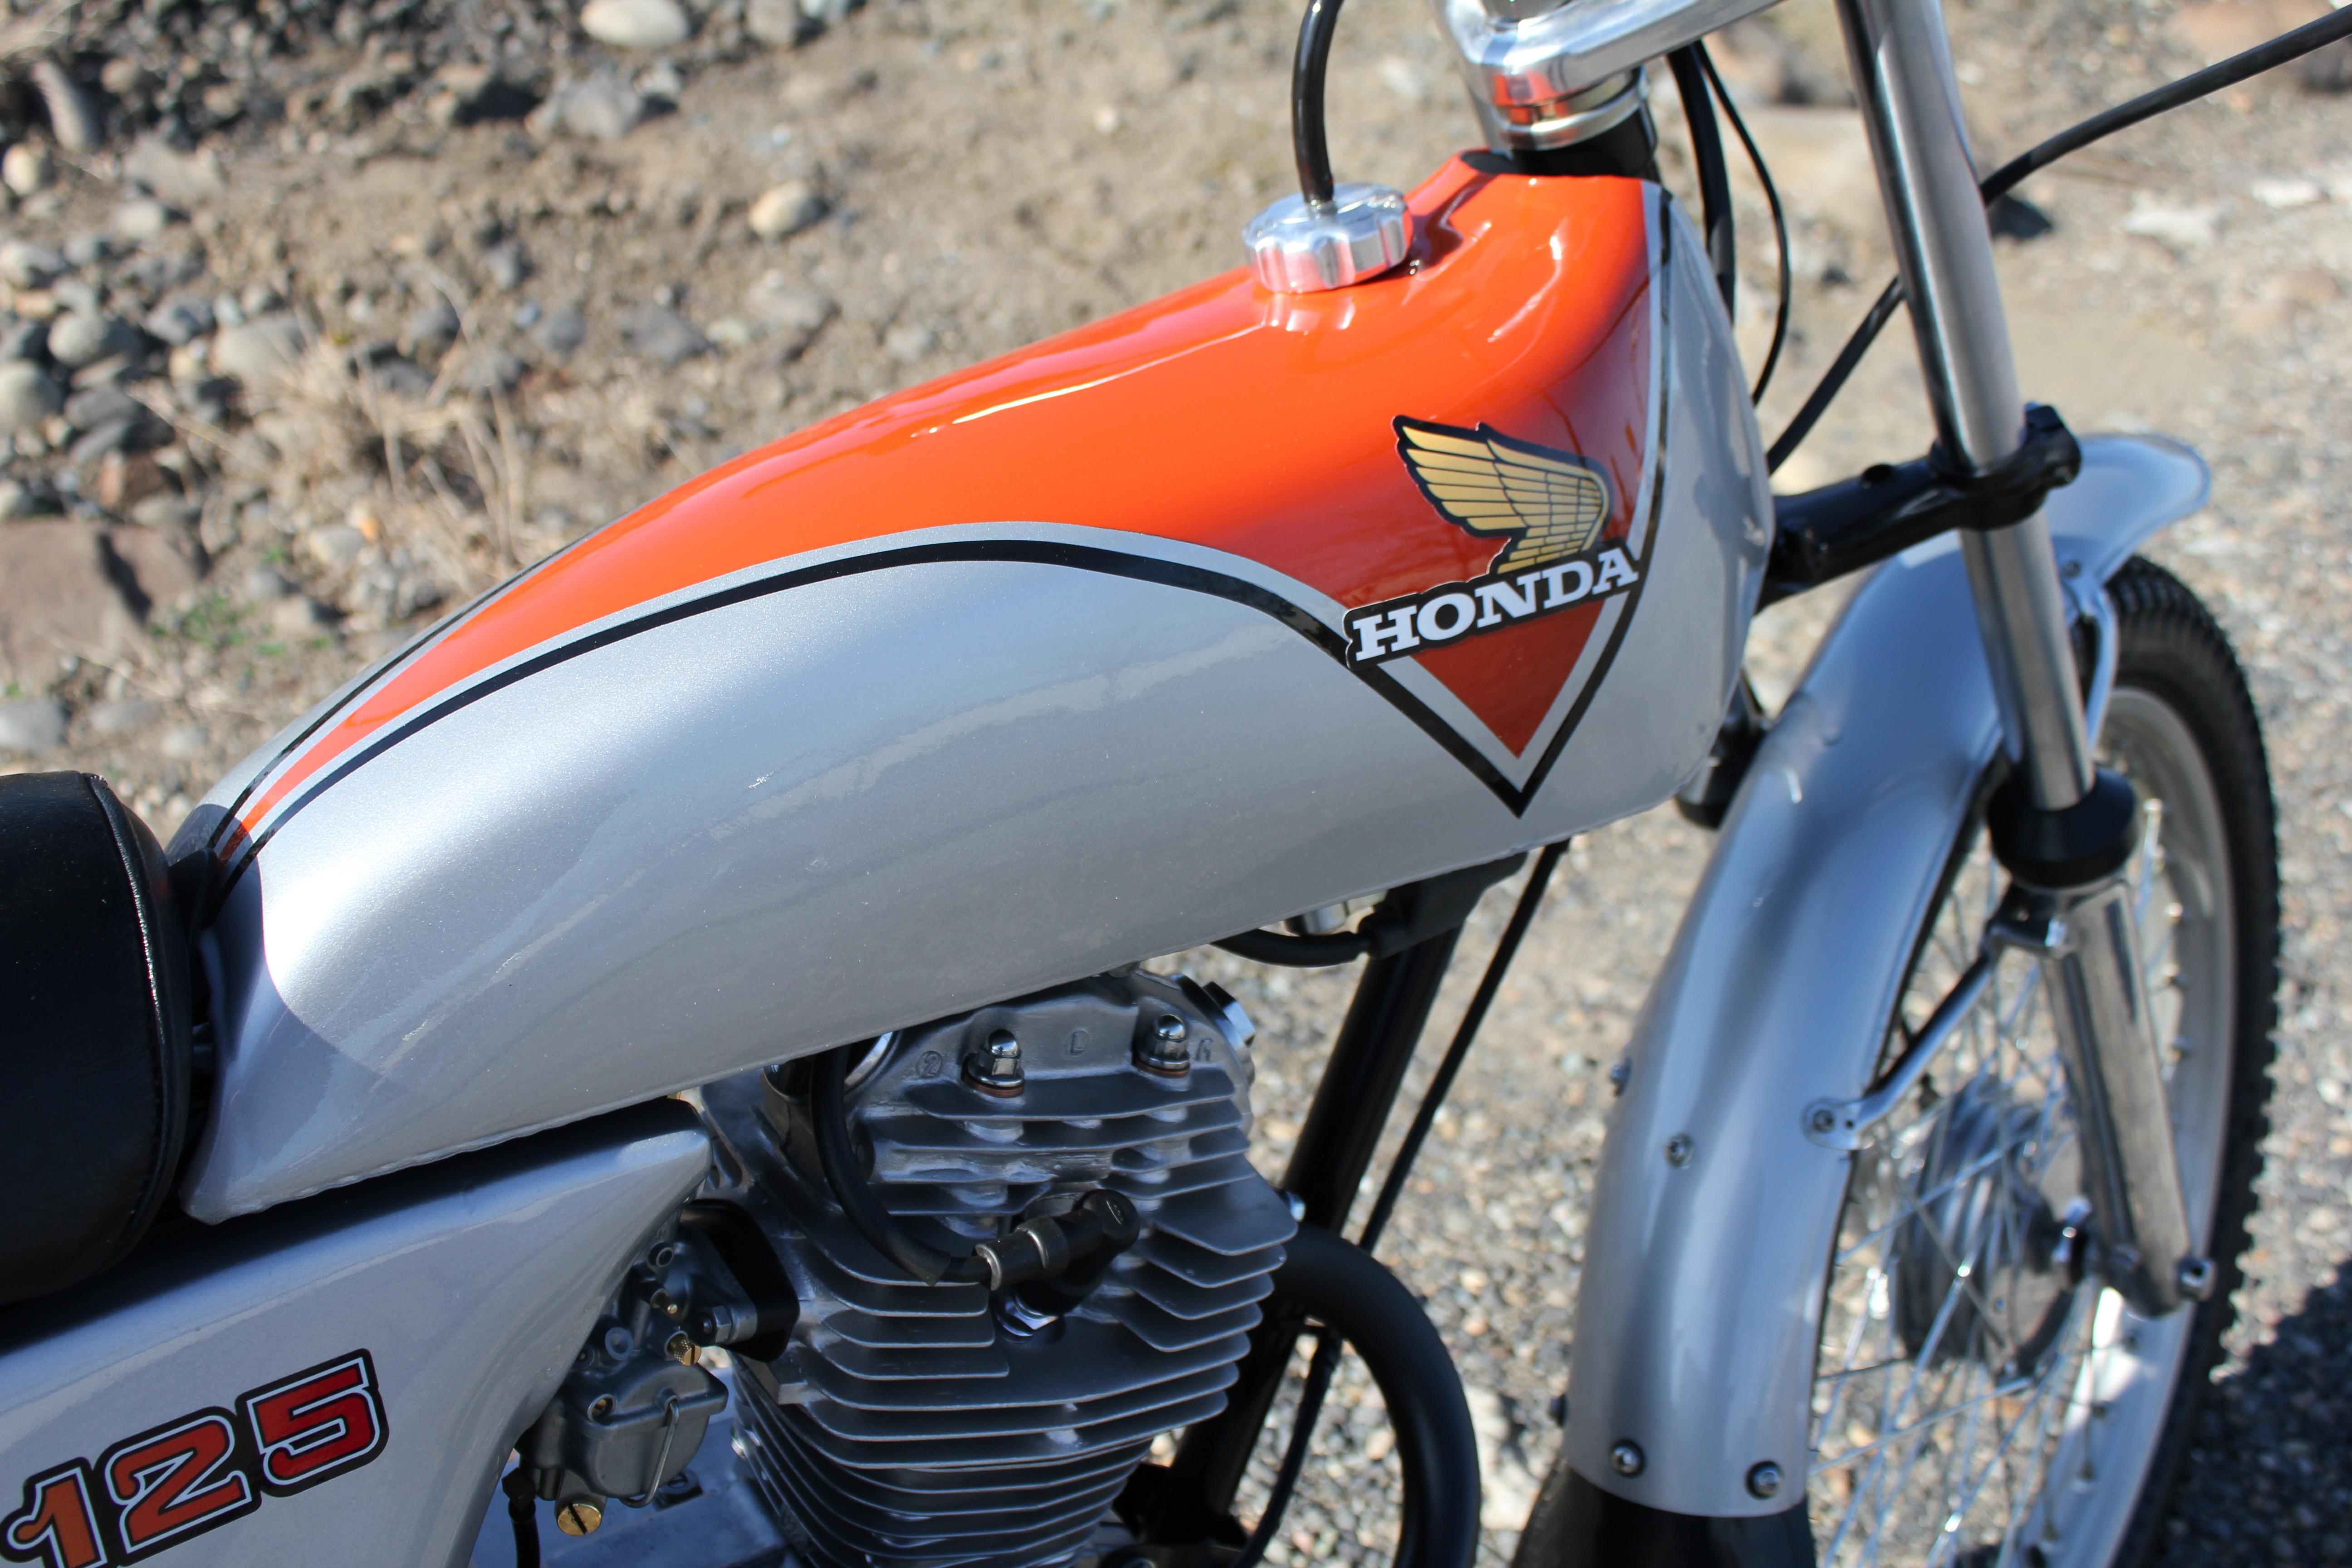 1975 Honda TL 125